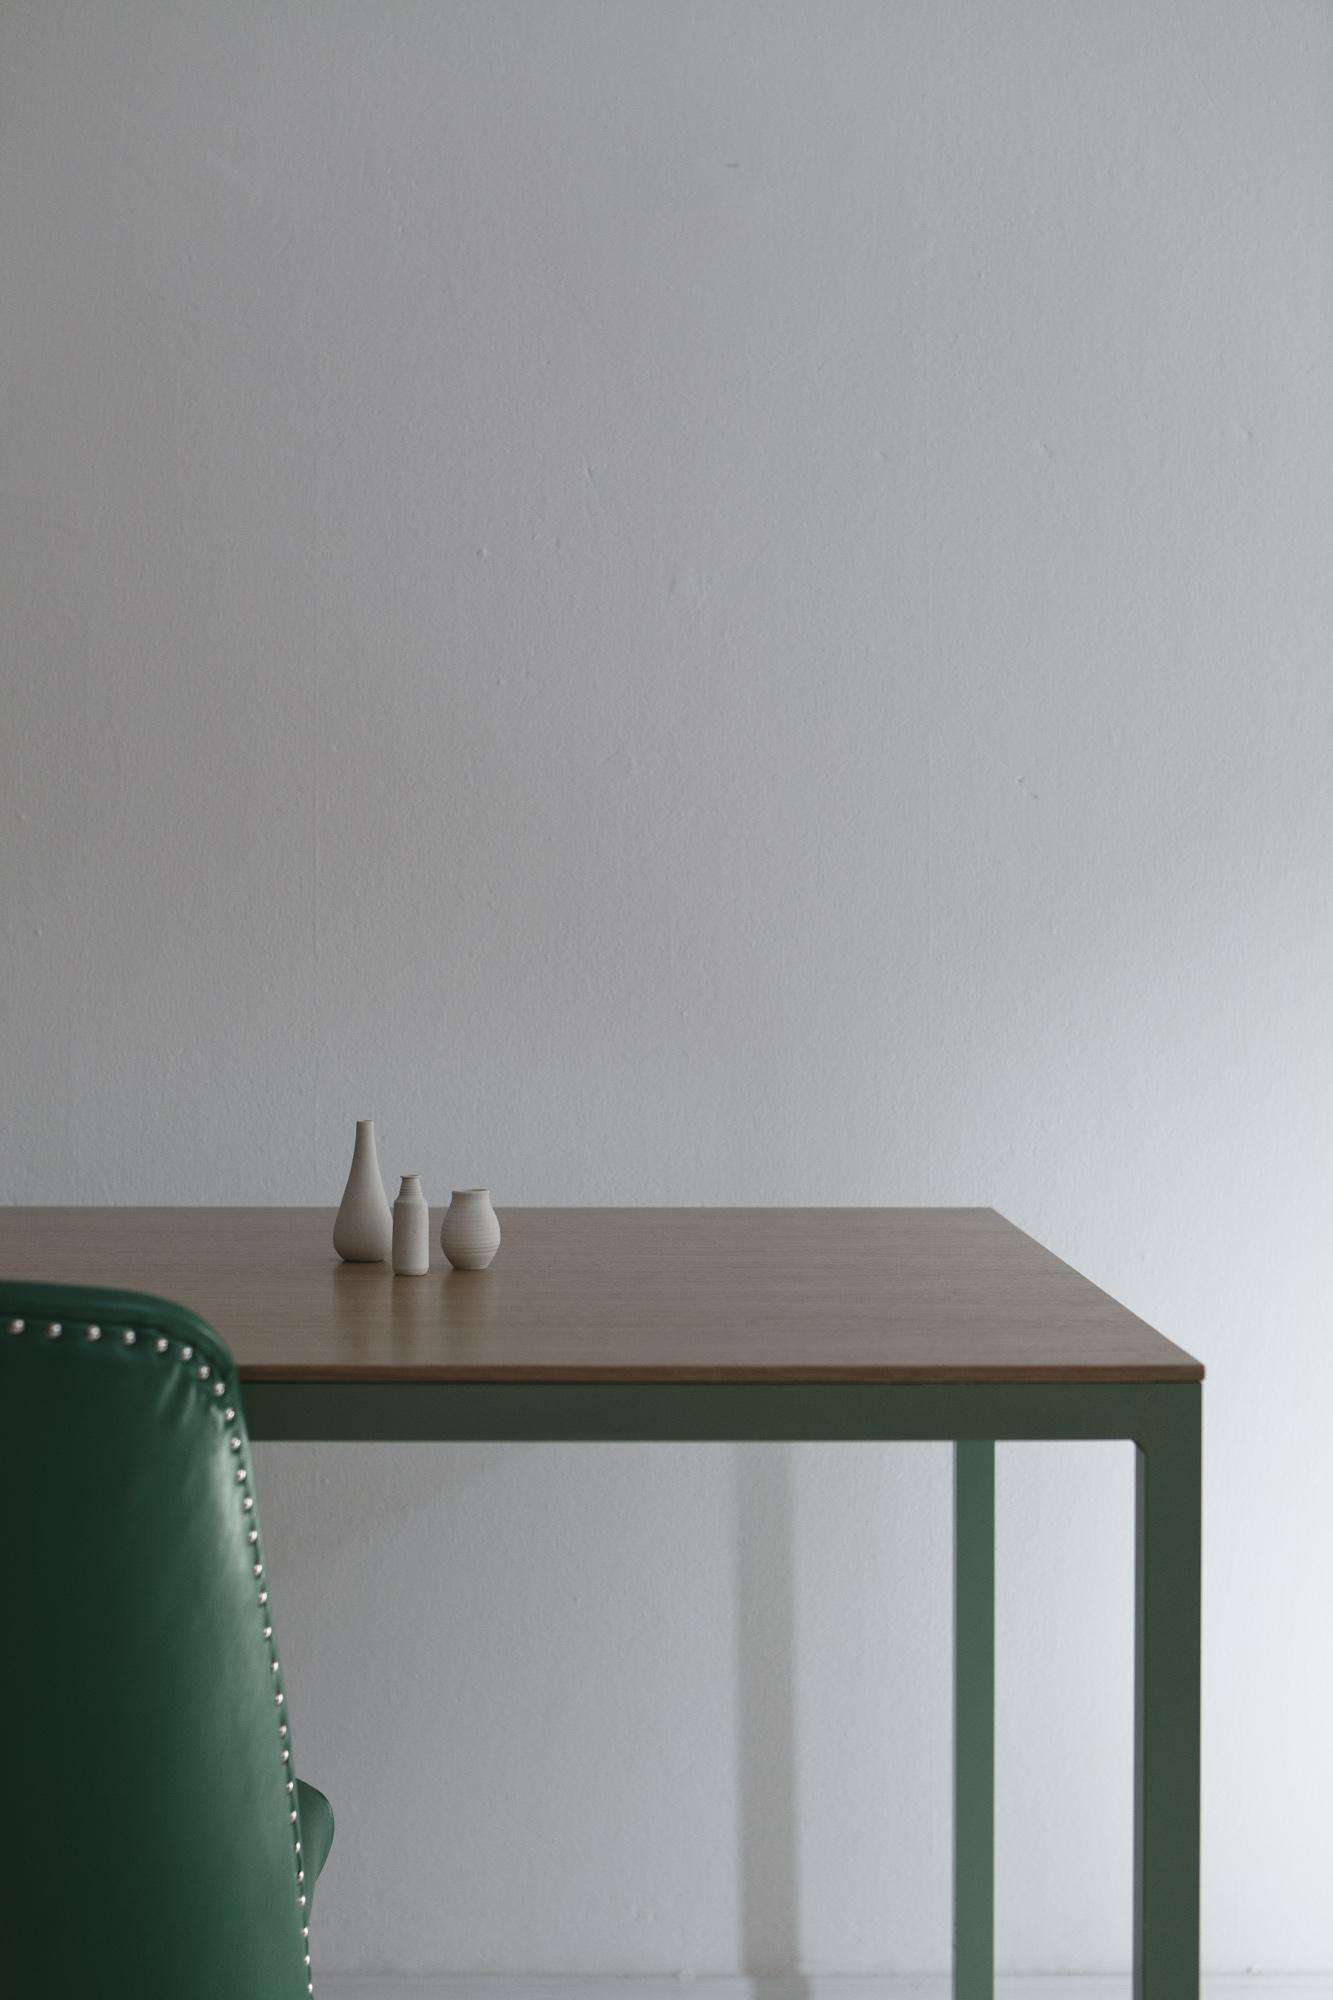 table-tib-6199.jpg